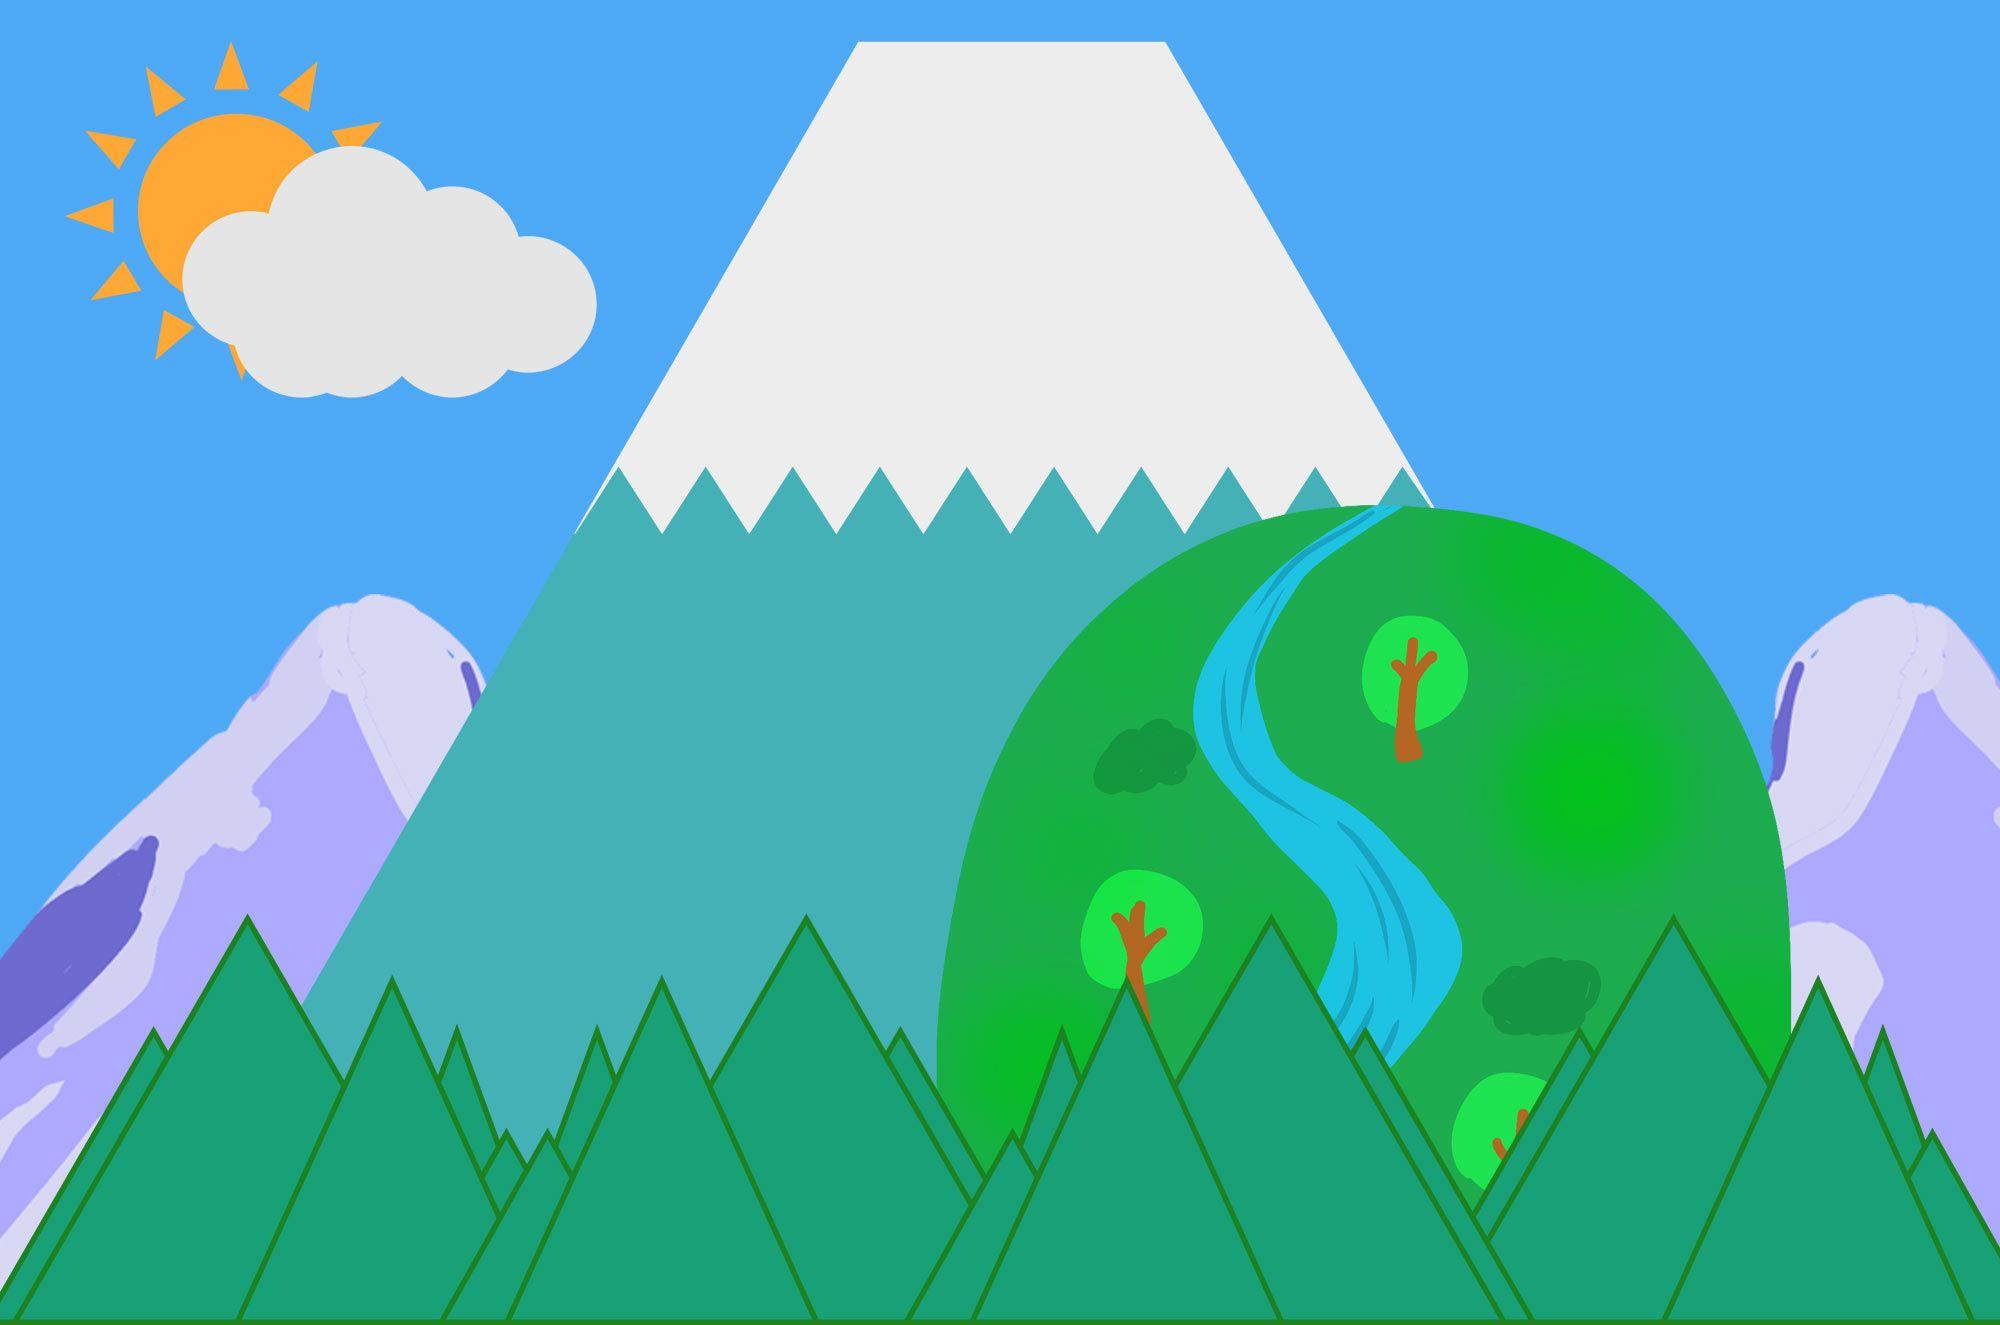 山イラスト 無料で使える可愛い山のイラスト素材集ロッキー山脈や